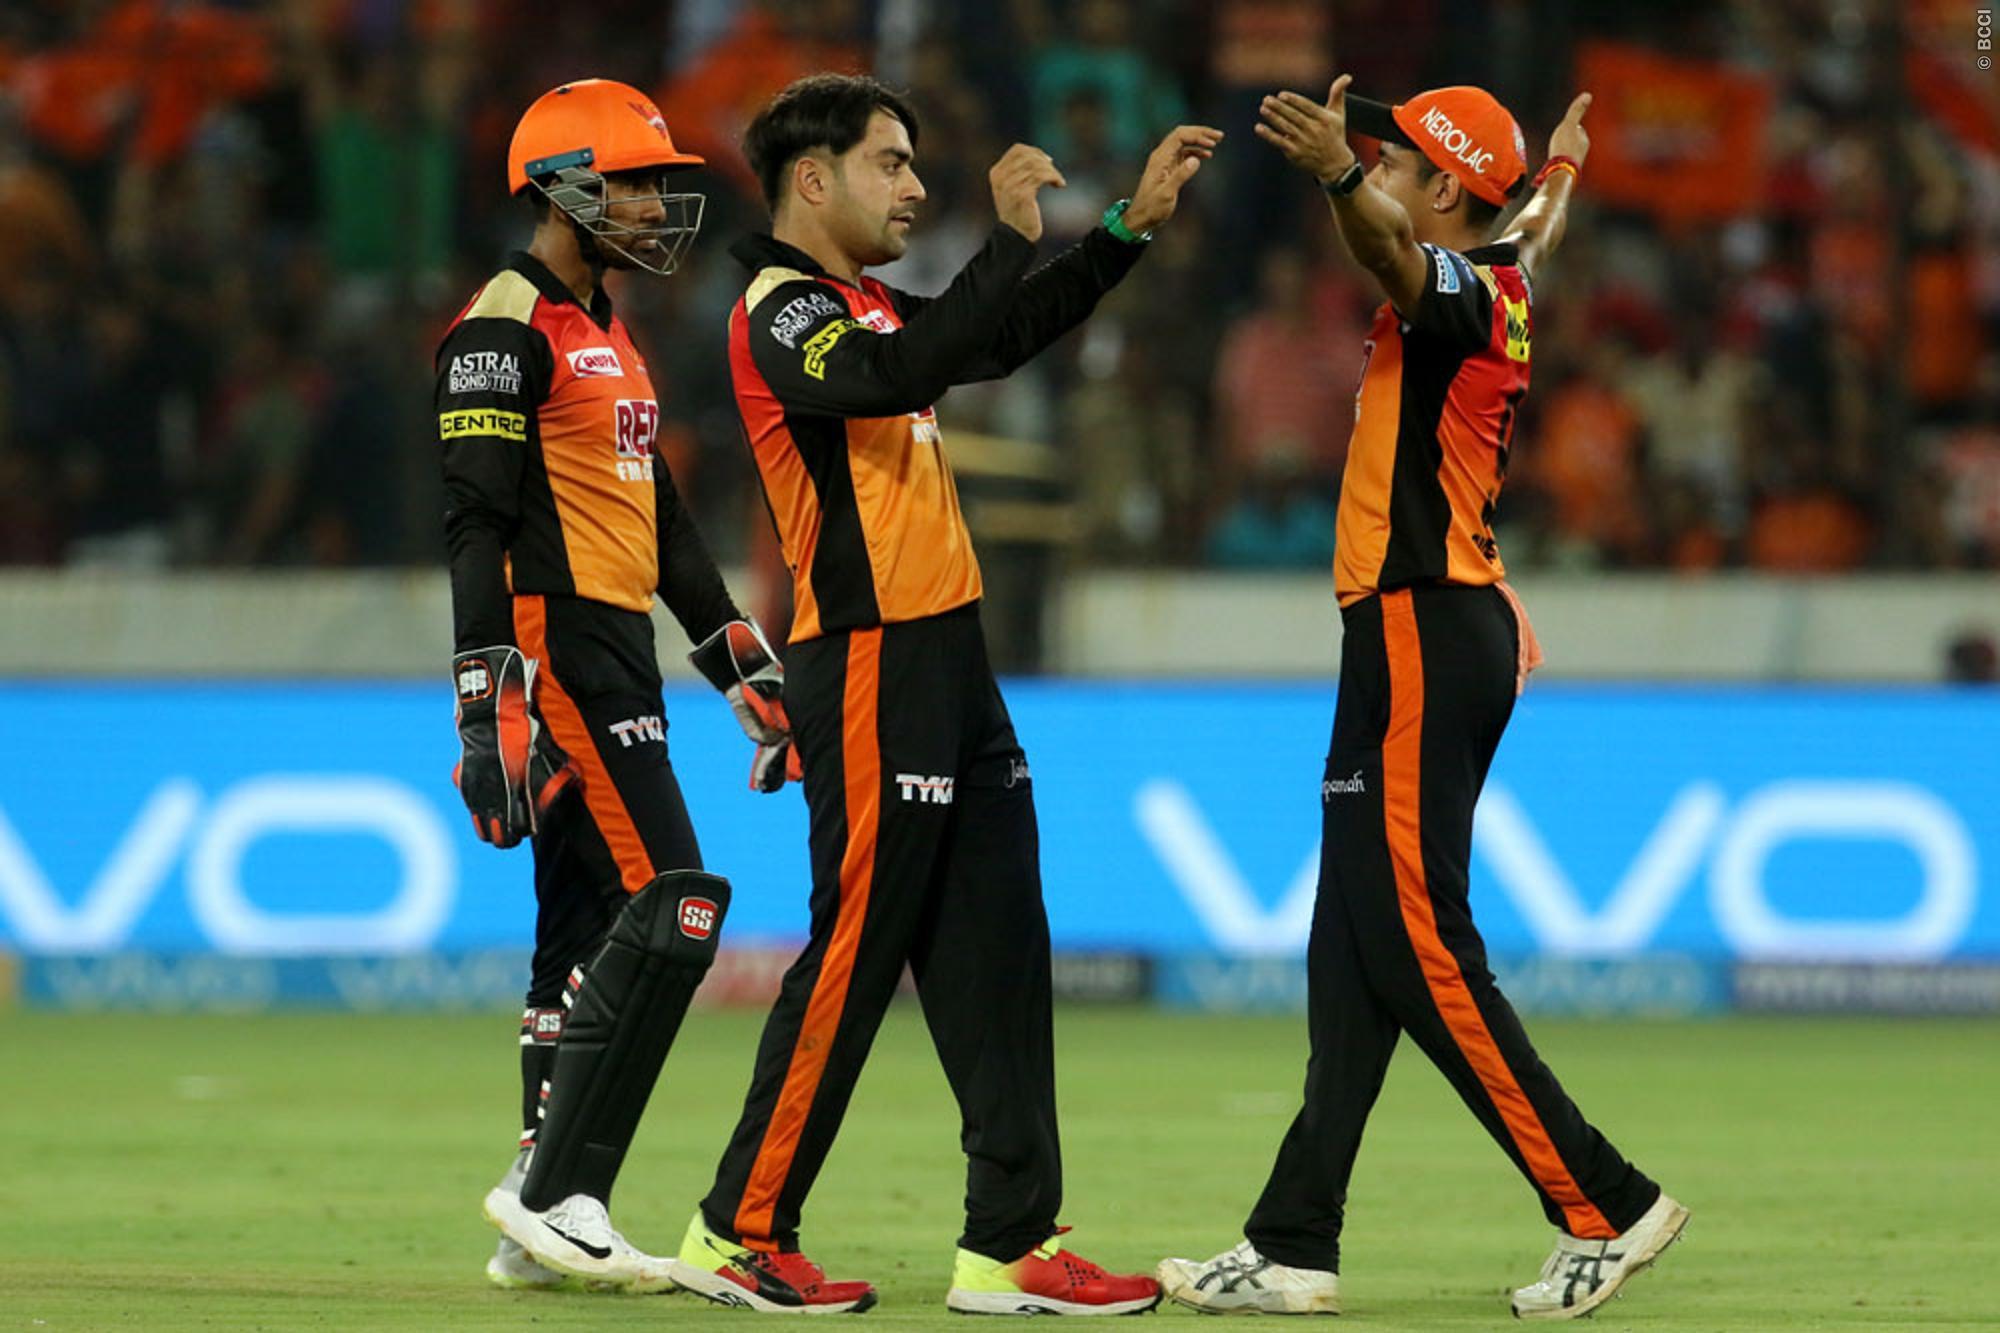 SRH VS DD- मैन ऑफ द मैच लेते हुए राशिद खान ने खोल डाला अपनी मिस्ट्री गेंद का राज, बताया क्यों बल्लेबाज नहीं पिक कर पाता गेंद 1